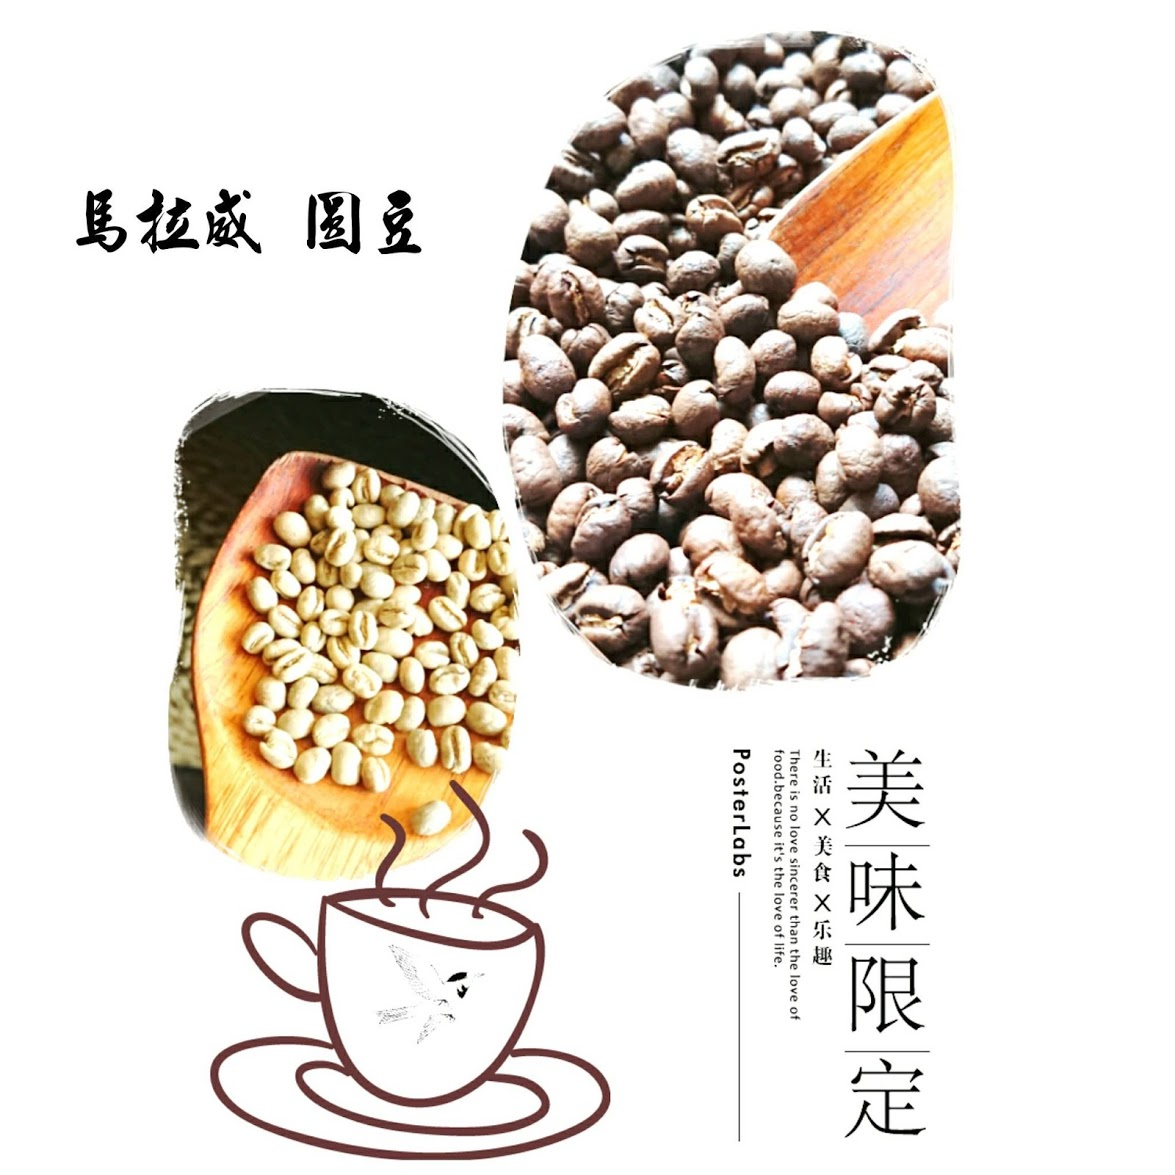 江戶休閒舘‧黑鼎coffee